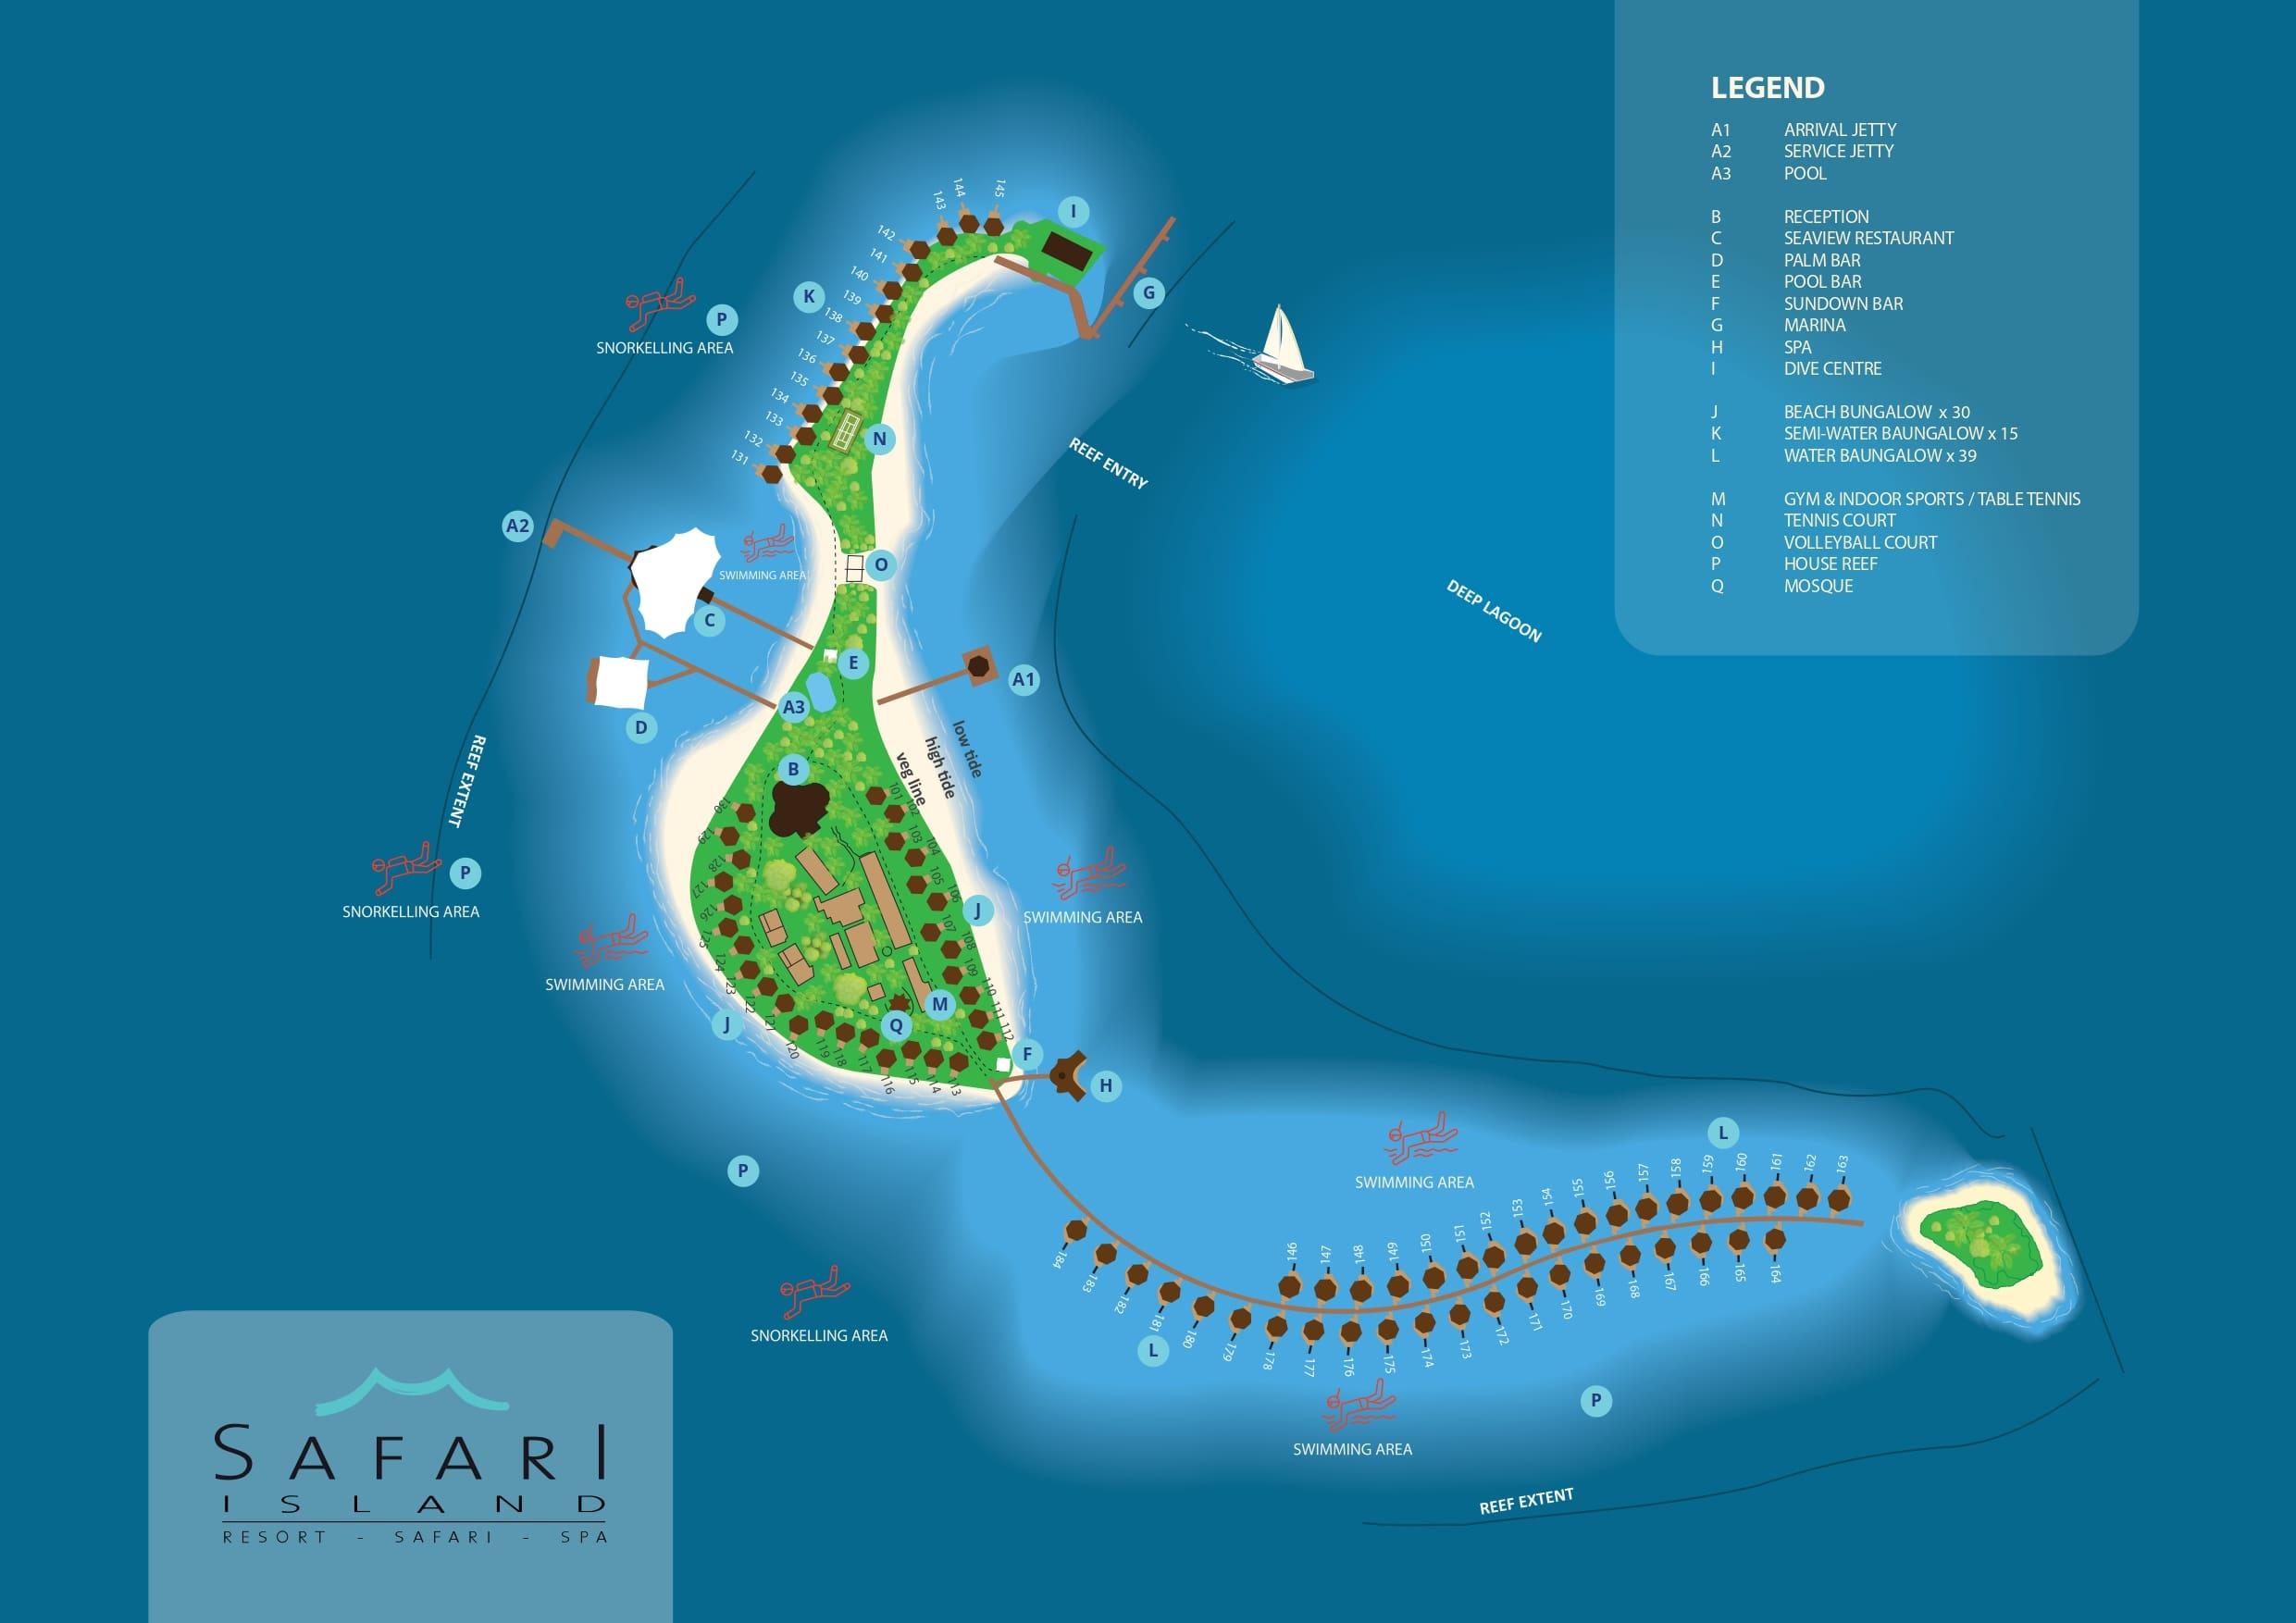 Мальдивы, карта отеля Safari Island Resort & Spa